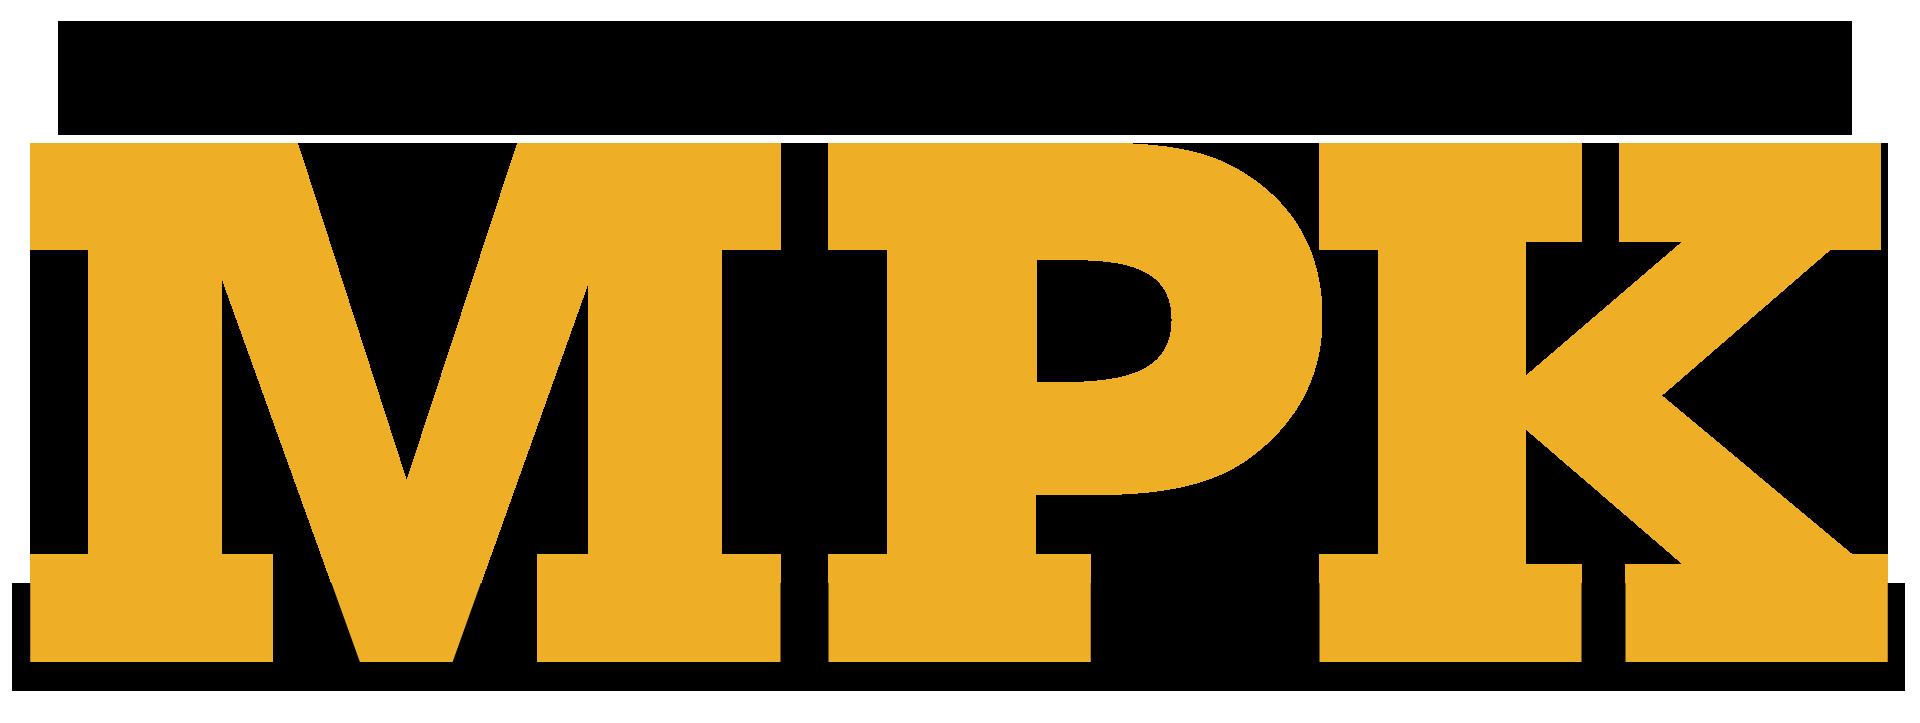 tkp-mpk logo